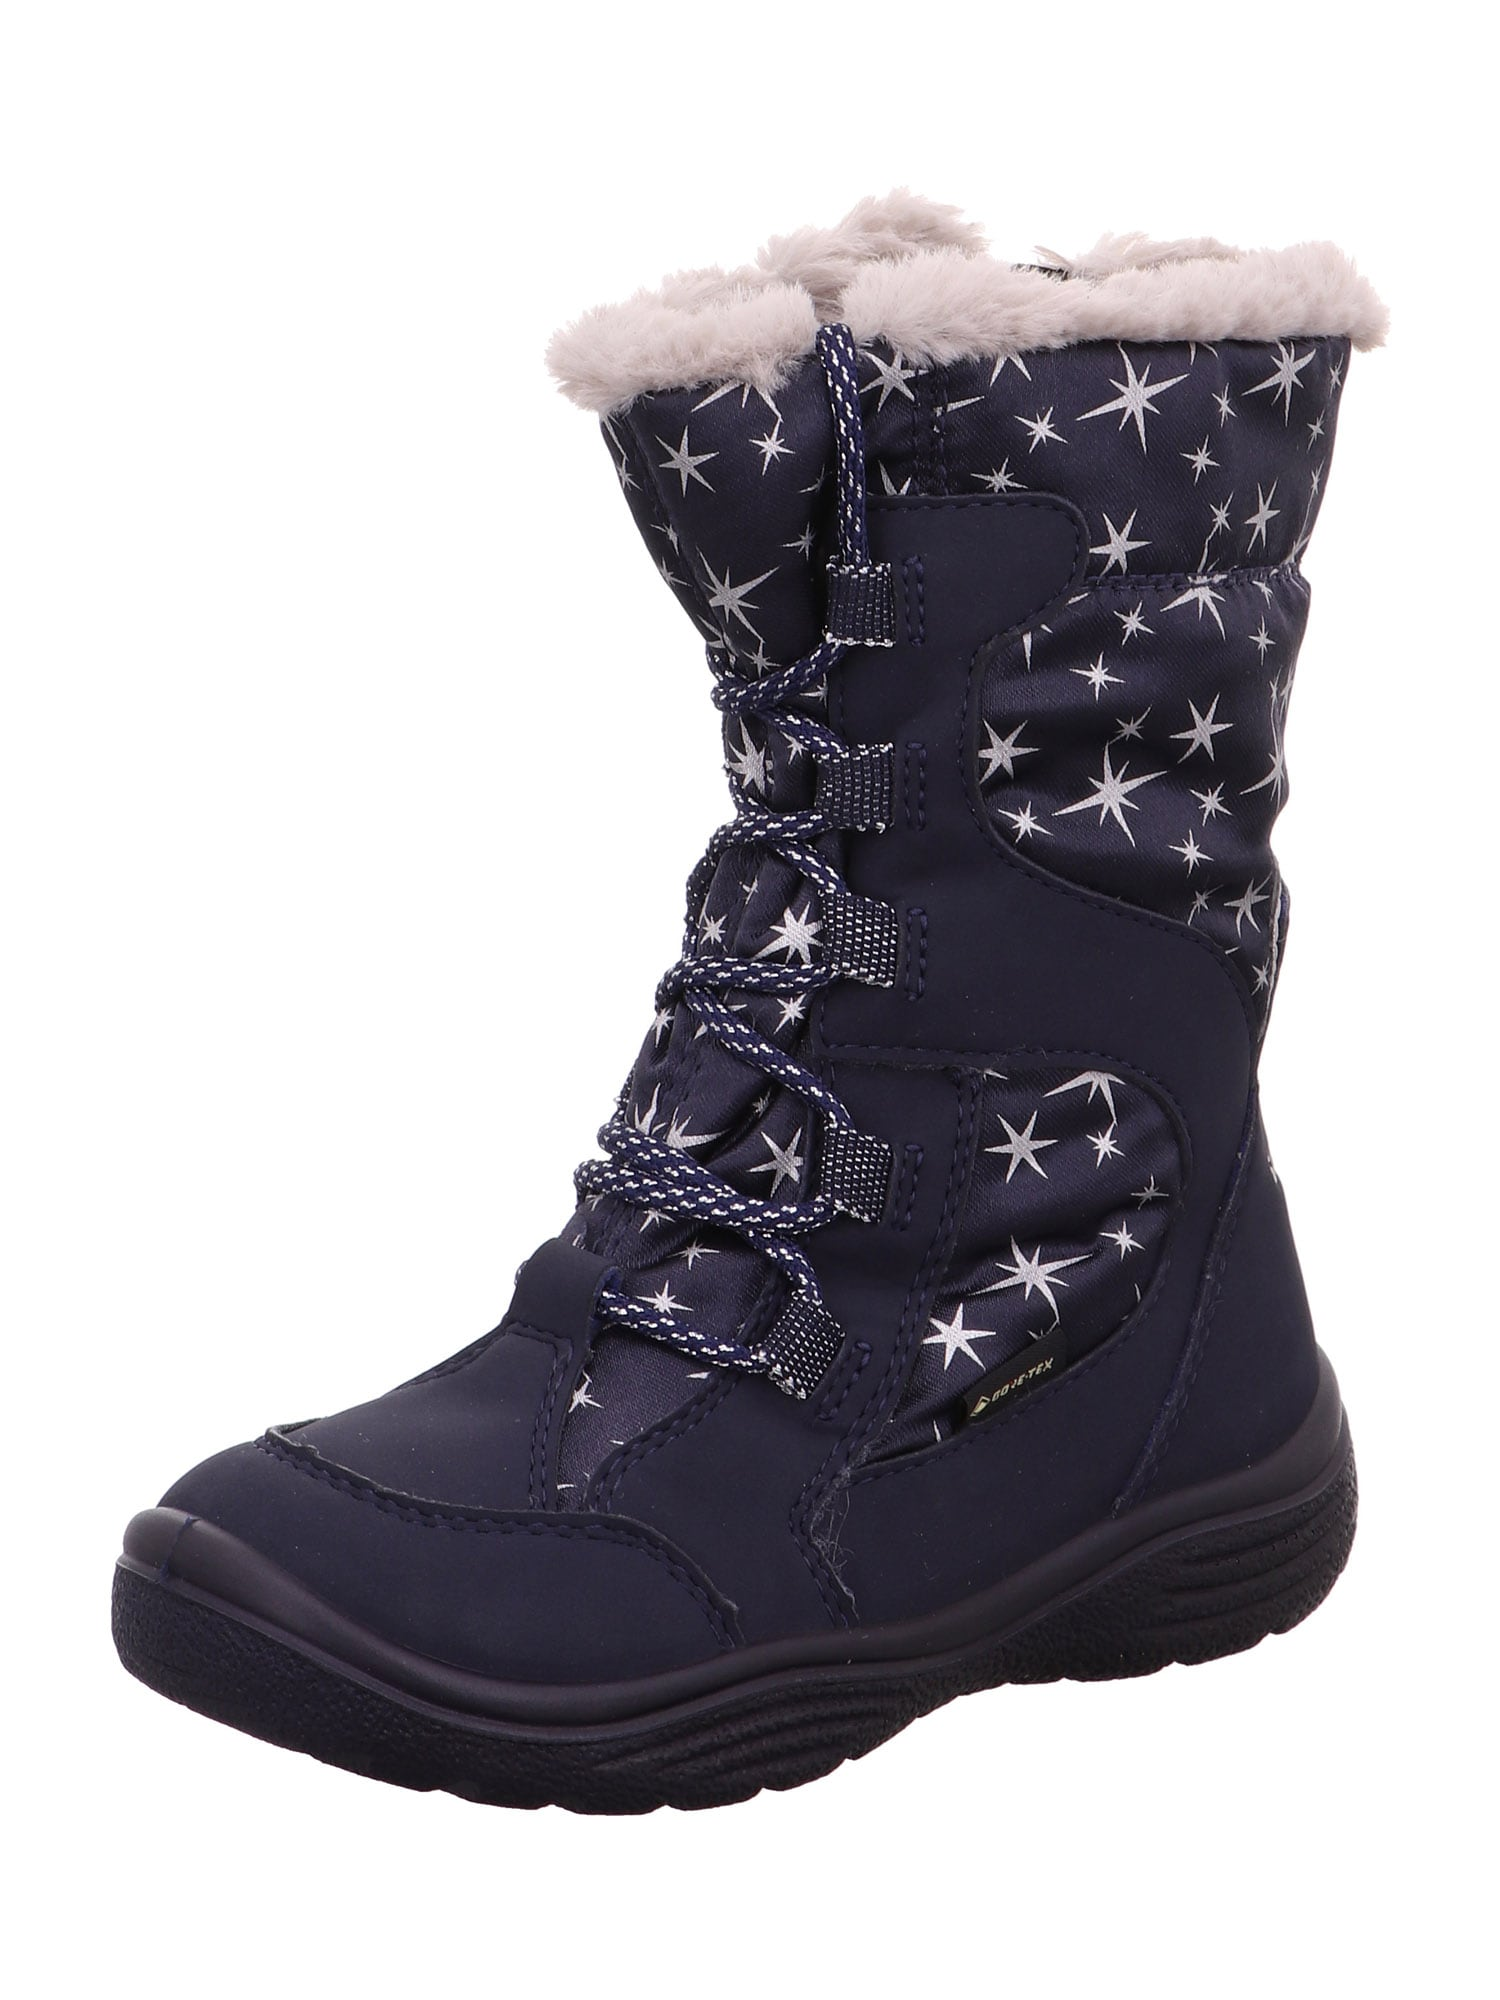 SUPERFIT Sniego batai 'Crystal' nakties mėlyna / pastelinė rožinė / sidabras